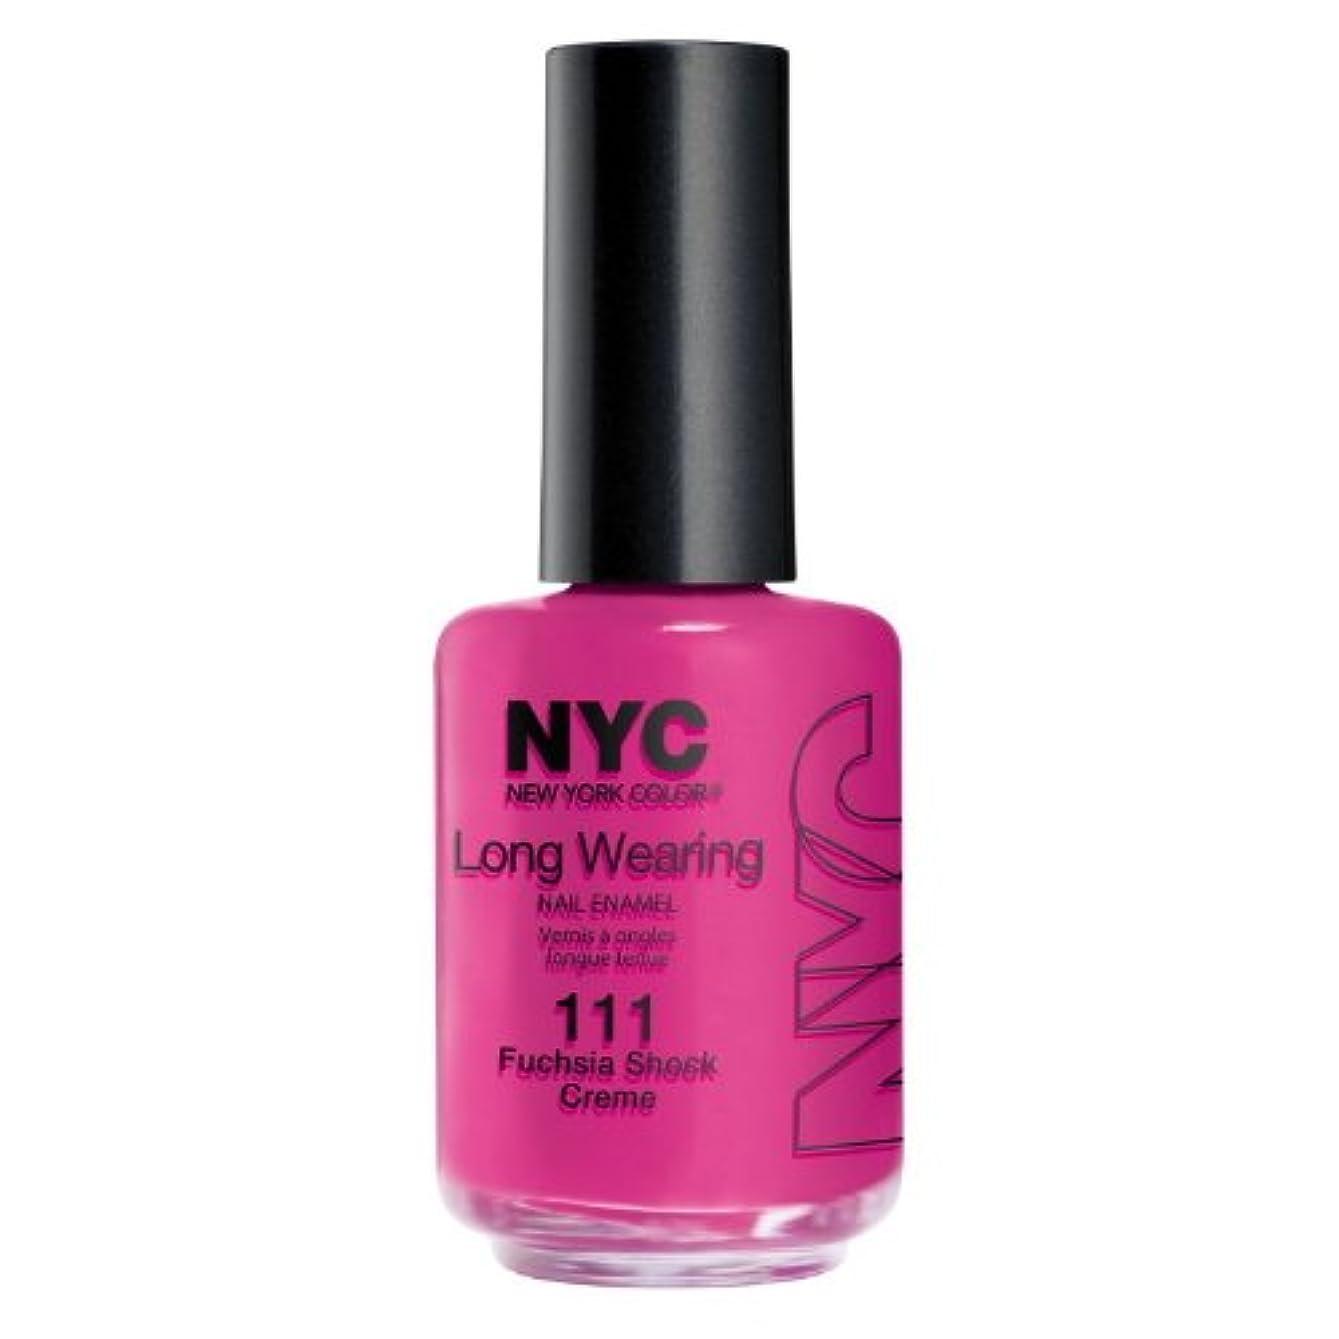 偏見苦しみ酔っ払いNYC Long Wearing Nail Enamel - Fuchisia Shock Creme (並行輸入品)